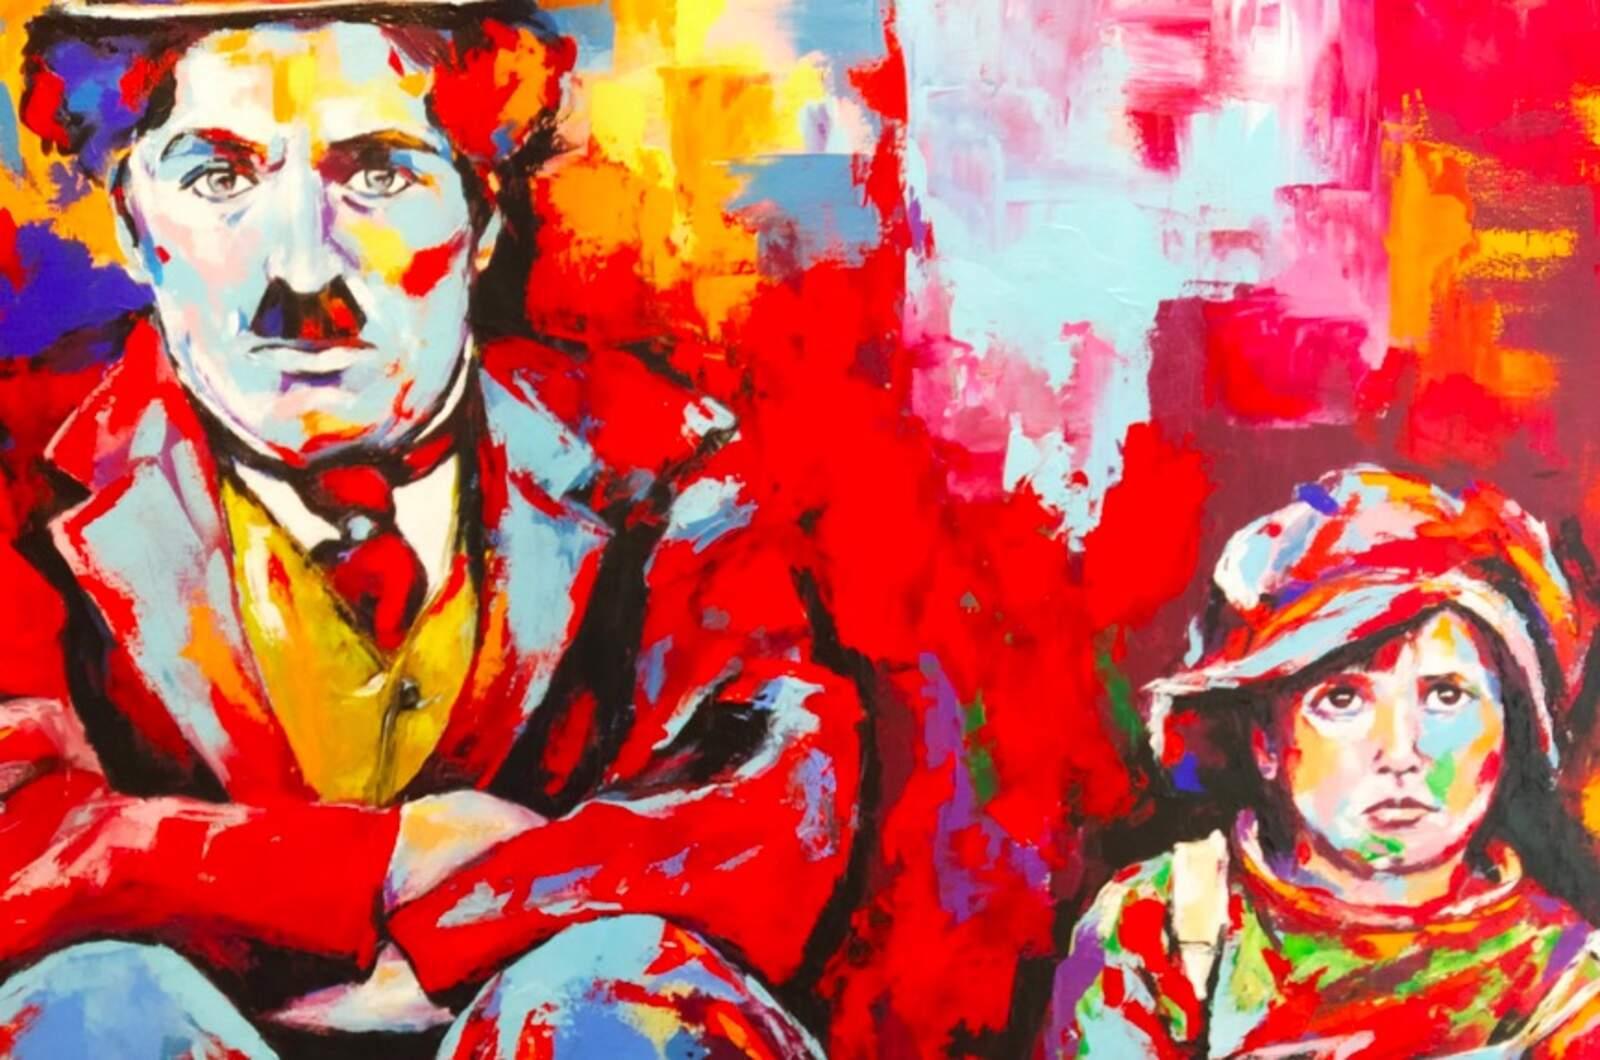 Una de les obres que es poden veure a l'exposició